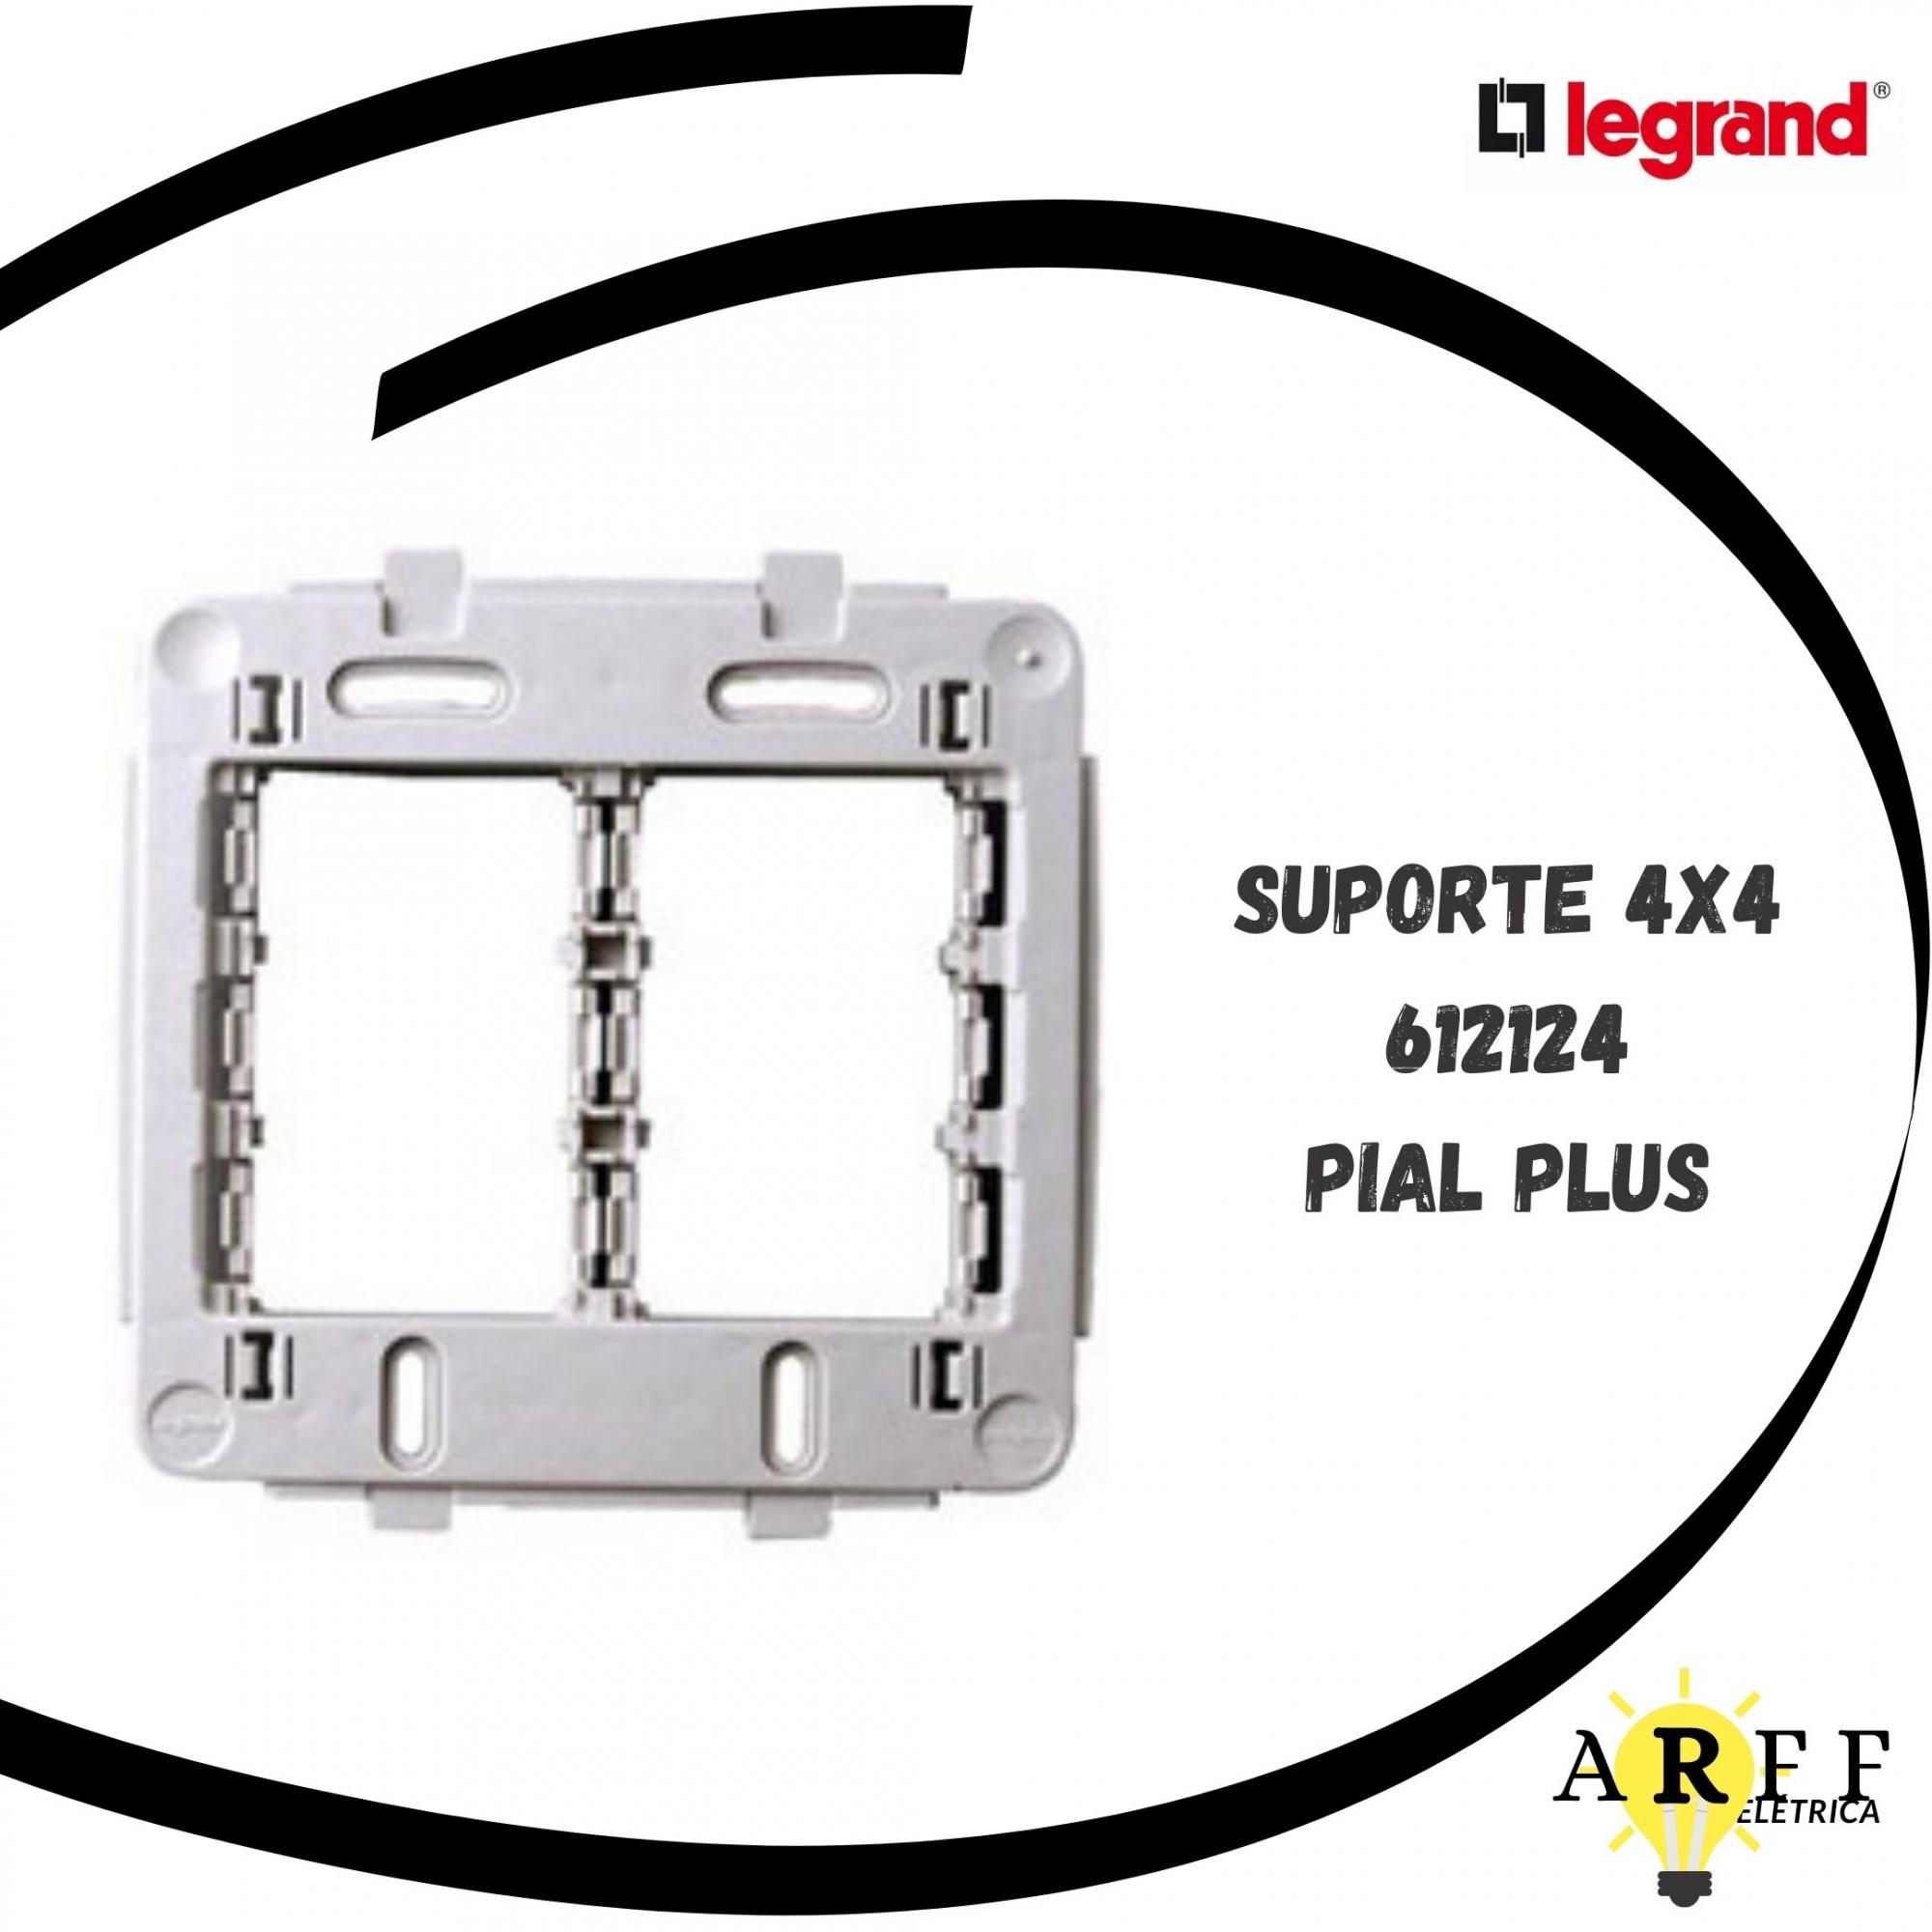 612124 Suporte para caixa 4x4